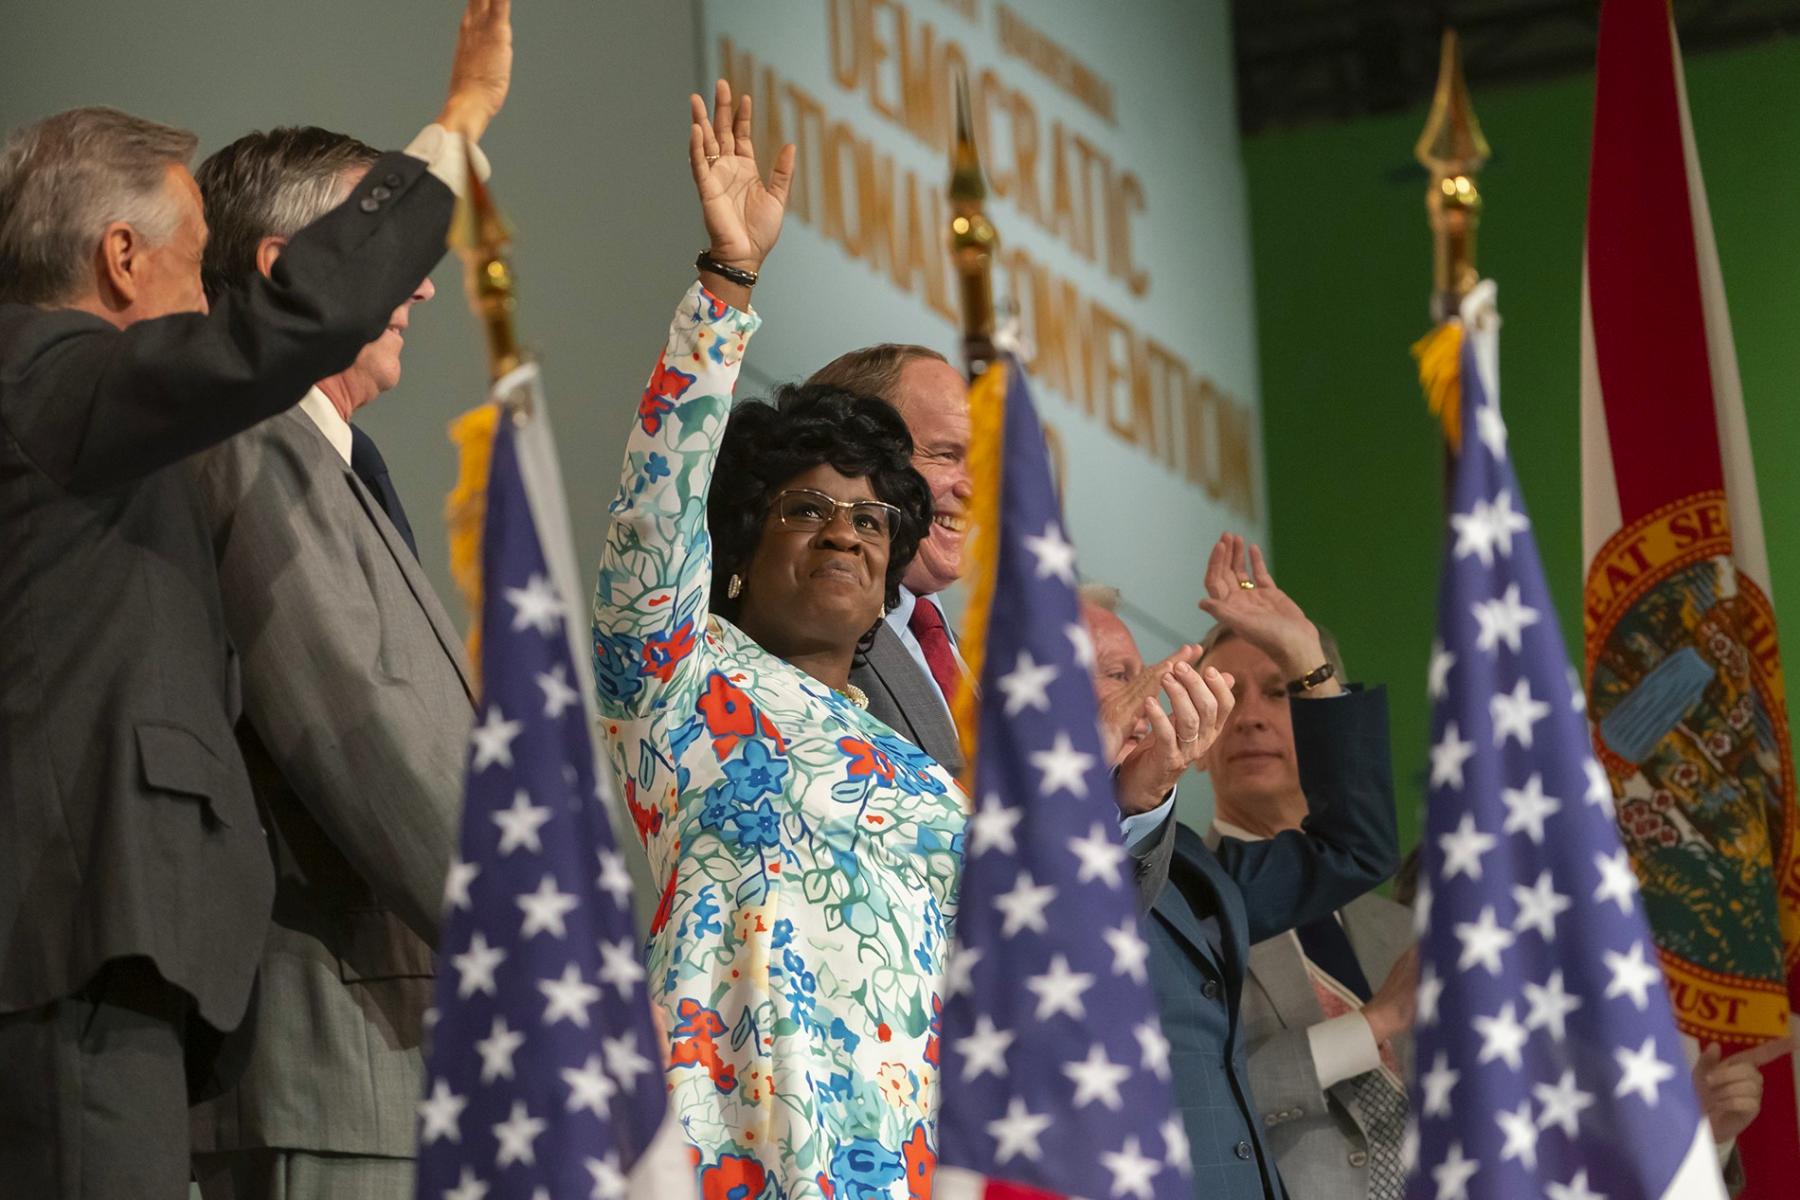 Cena da minissérie Mrs. America. Ao centro da imagem está a atriz Uzo Aduba interpretando a deputada Shirley Chisholm. Ela tem a pele negra, os cabelos pretos curtos, na altura da orelha e ondulados. A personagem também usa um vestido florido de fundo branco, com flores azuis, laranjas e vermelhas. Ela usa um óculos médio e quadrado dourado, e está de pé em um palco, mas nós a vemos de baixo, do quadril para cima. Ela está olhando para a frente, sorrindo levemente e acenando, e ao seu redor, estão cinco homens brancos, também acenando e vestindo ternos. No primeiro plano da imagem, na frente dos personagens mas sem foco, existem três bandeiras dos Estados Unidos.